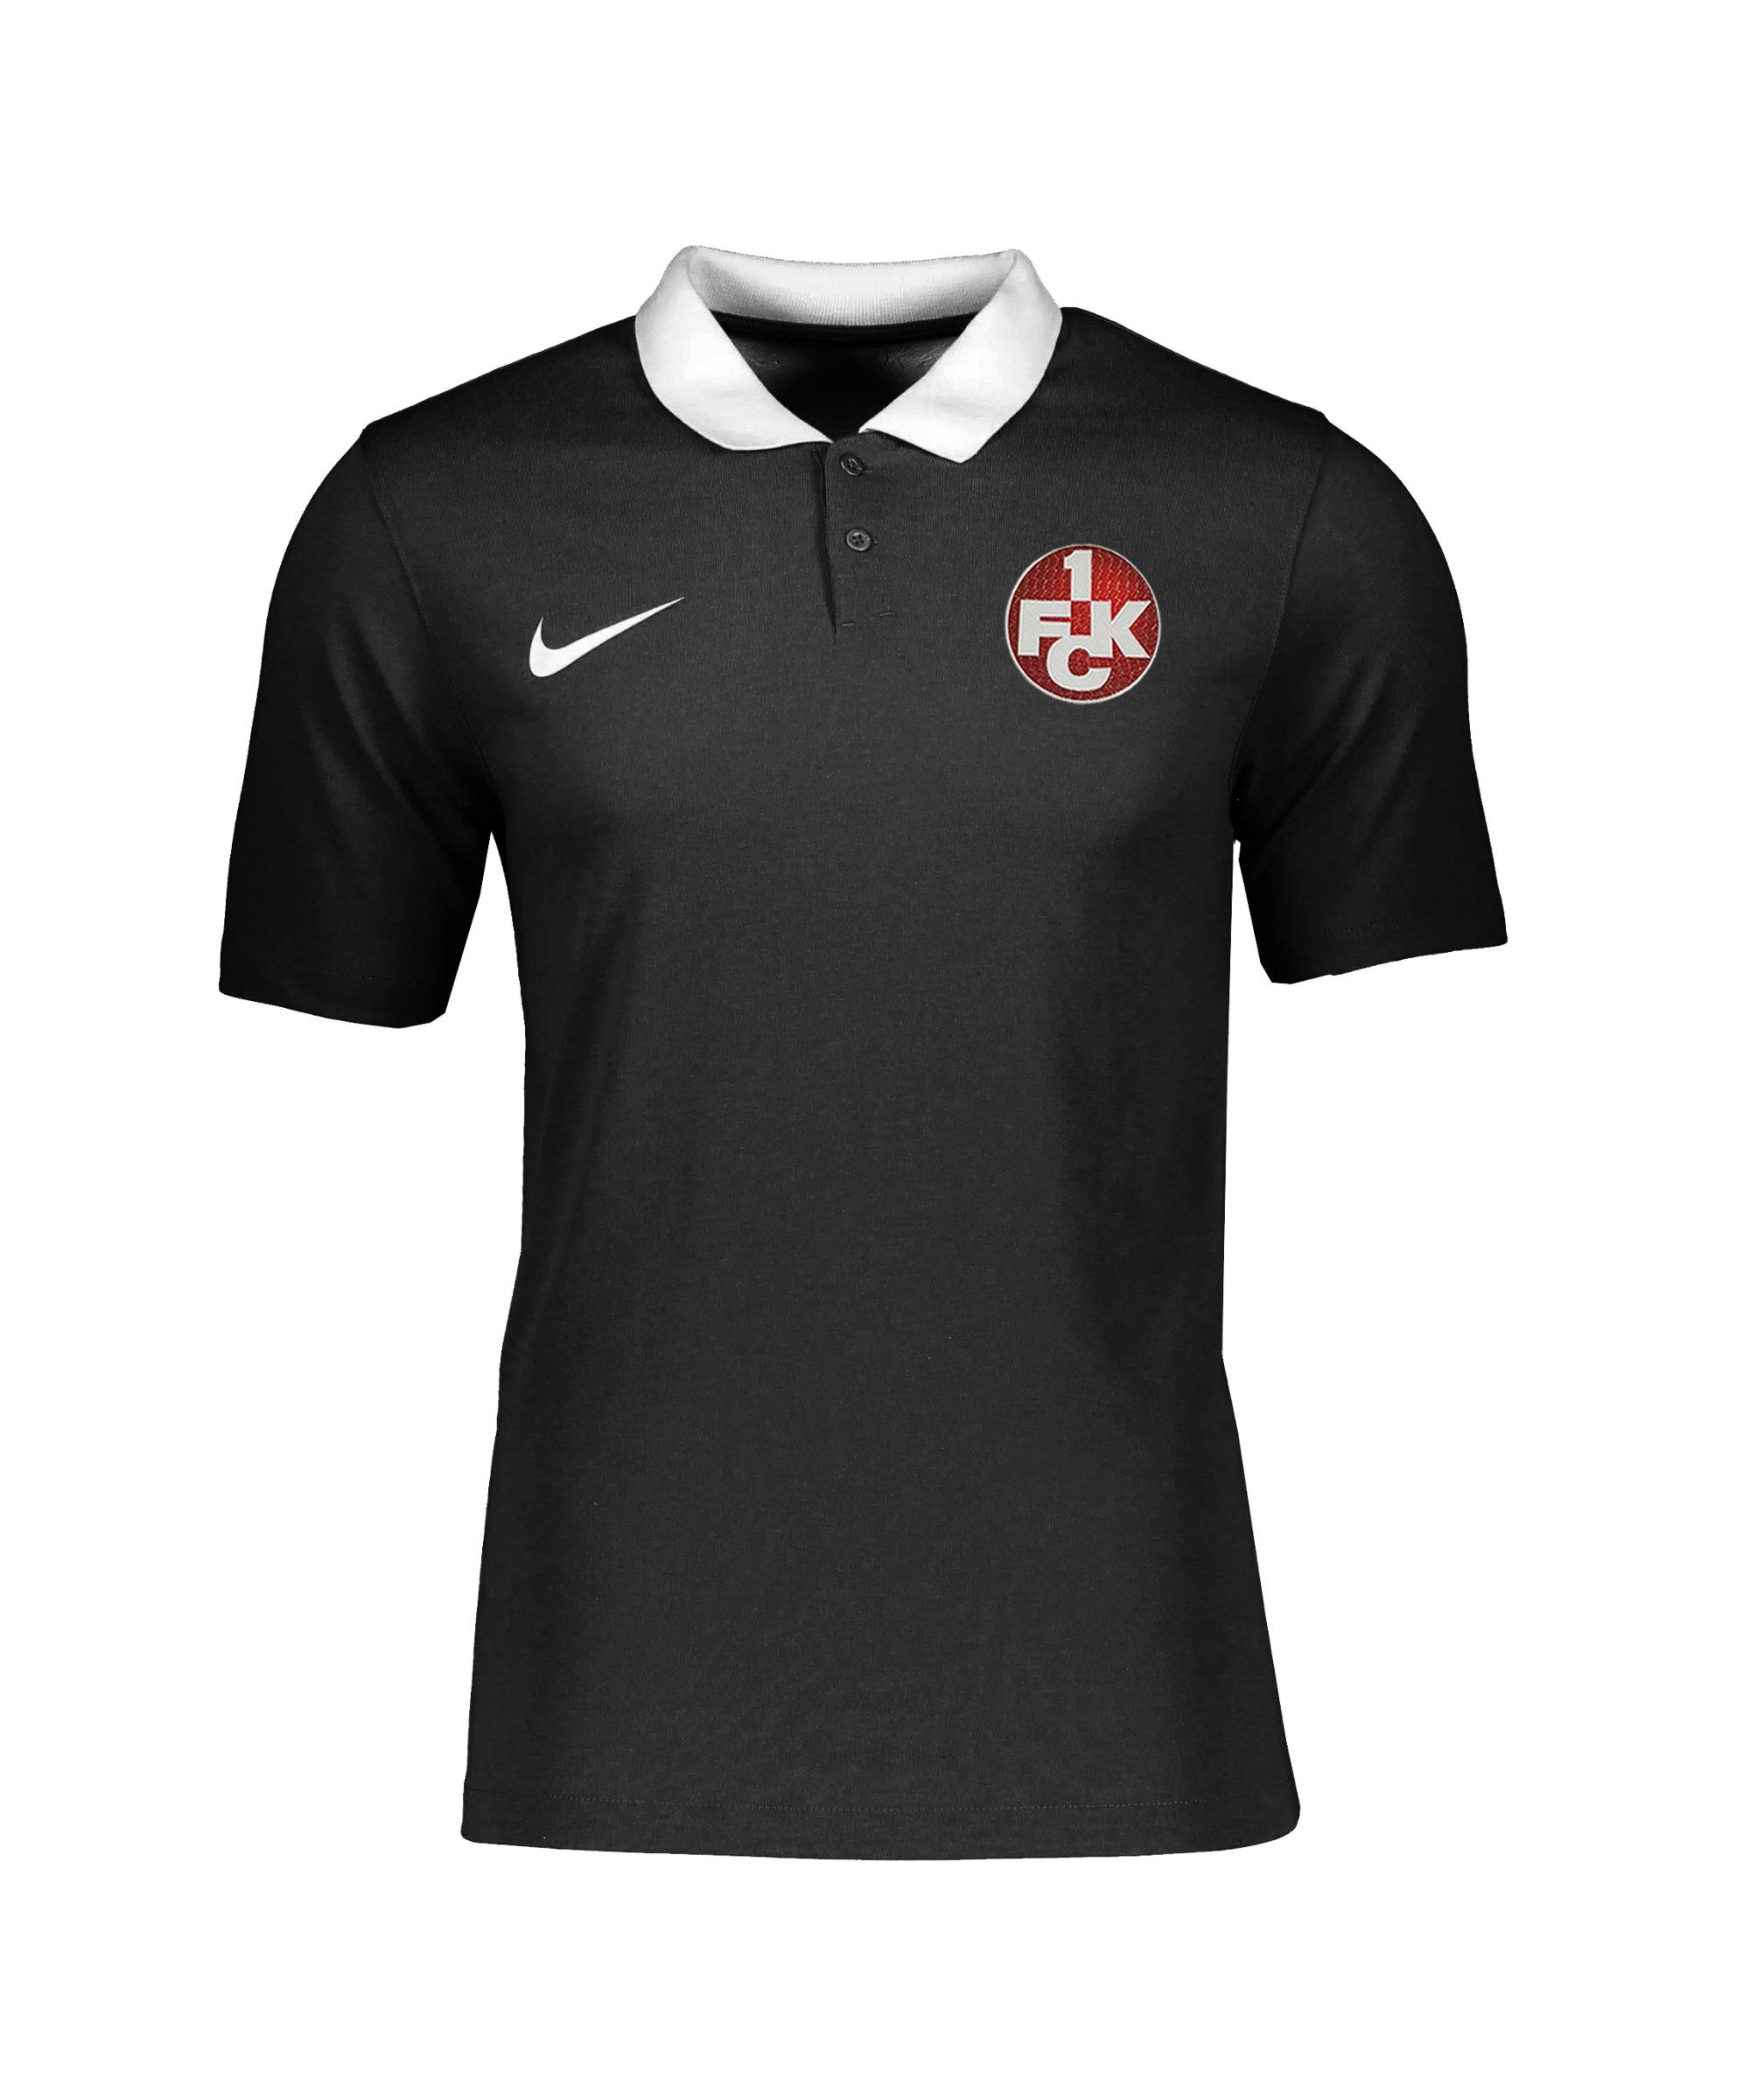 Nike 1. FC Kaiserslautern Polo Kids Schwarz F010 - schwarz